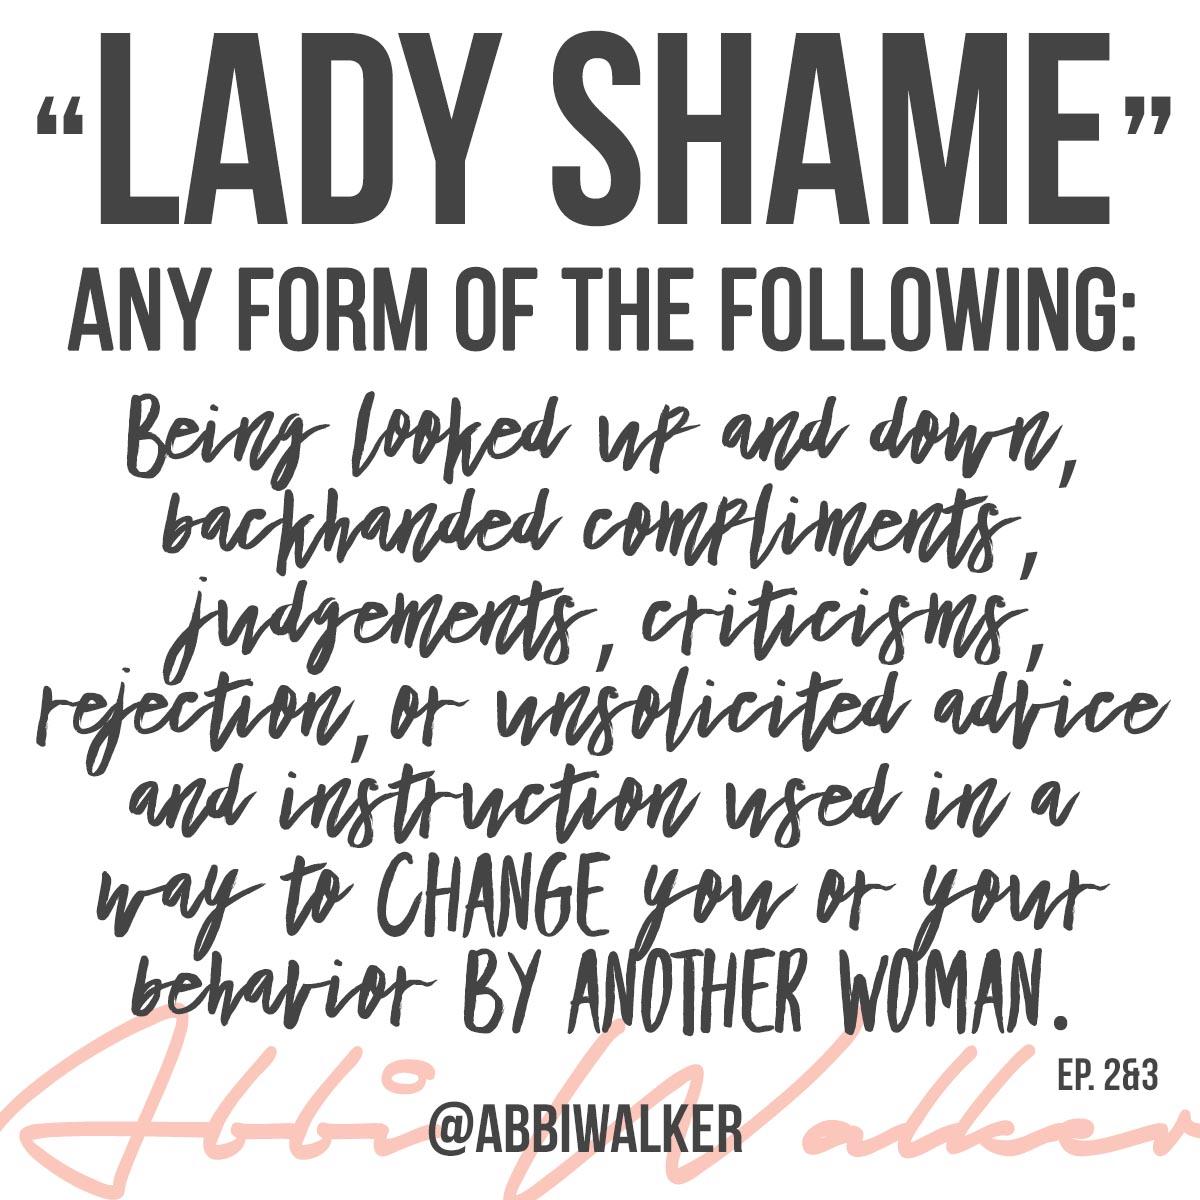 Ladyshame.jpg